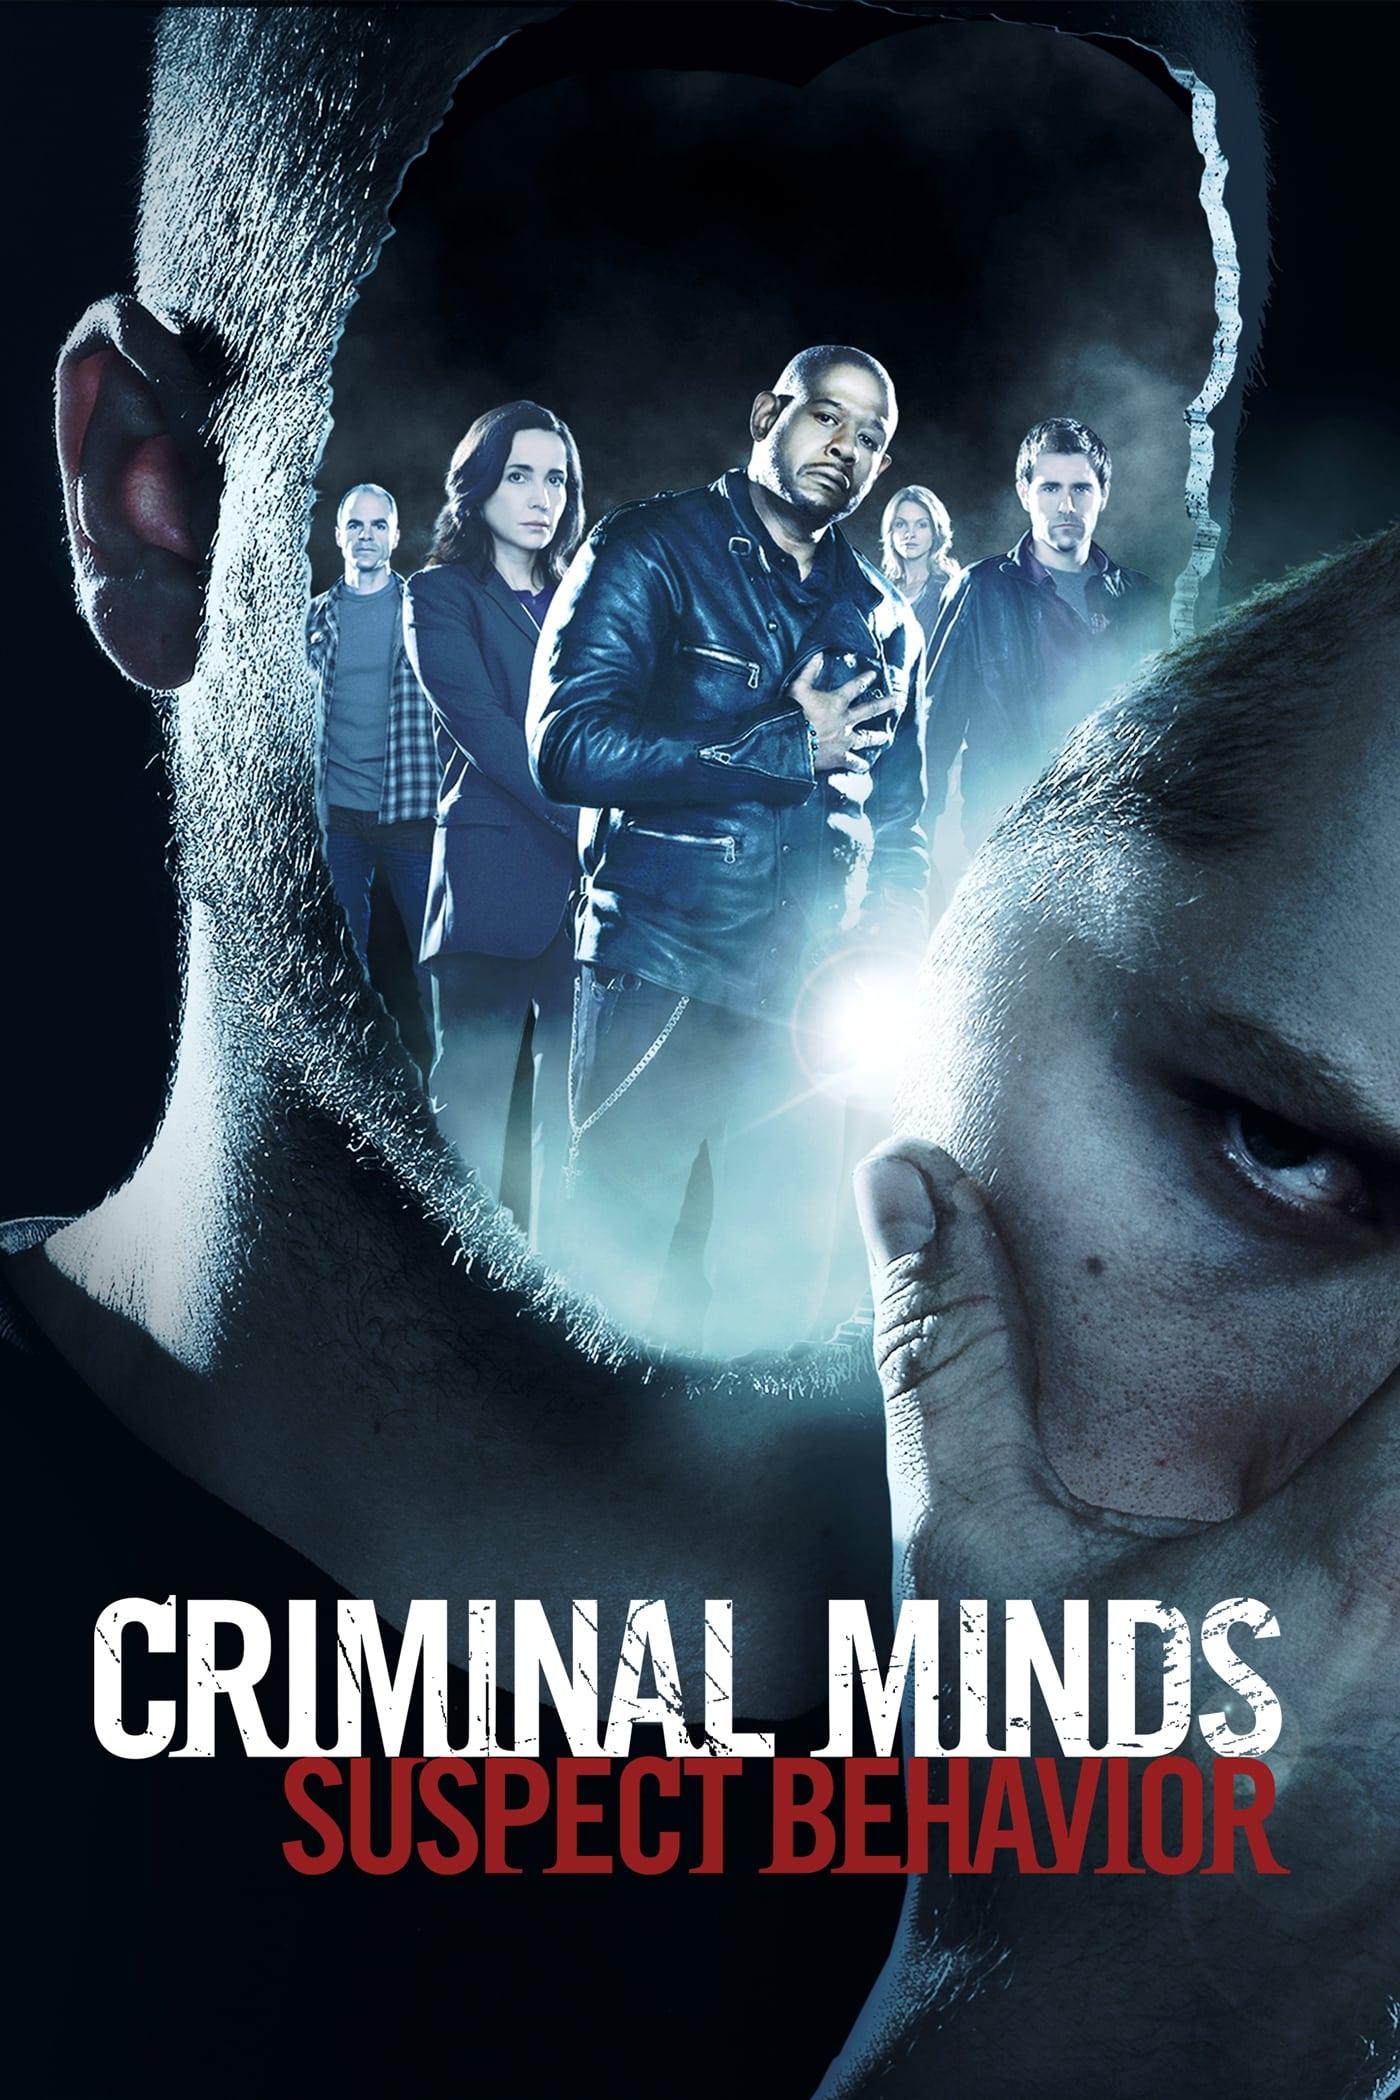 Criminal Minds: Suspect Behavior TV Shows About Crime Investigation